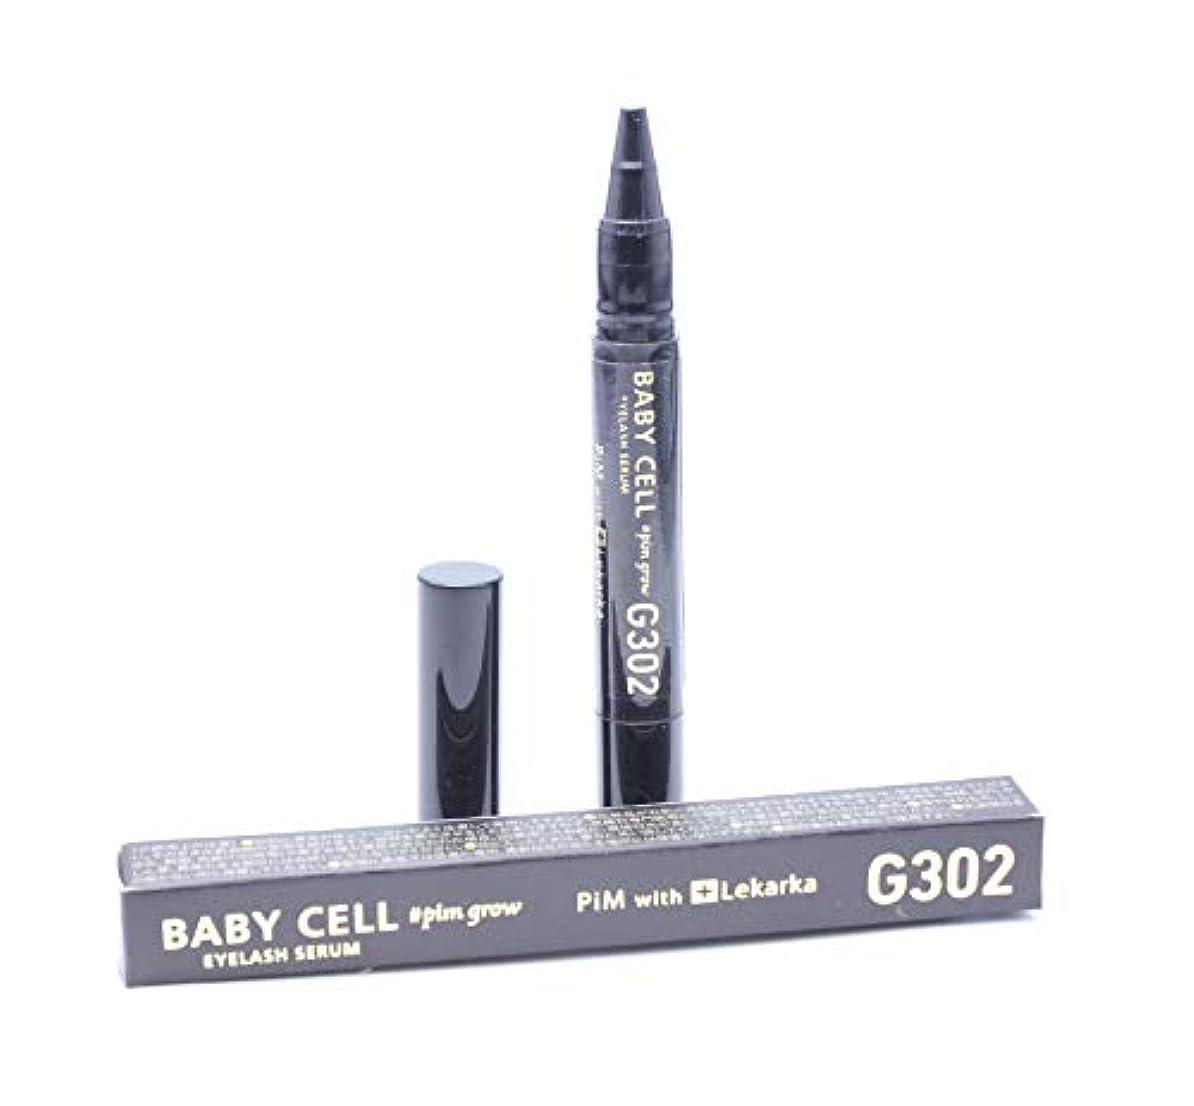 ジョージスティーブンソン反対に包括的BABLY CELL アイラッシュセラムG302 まつ毛美容液 歯髄幹細胞再生因子コスメ